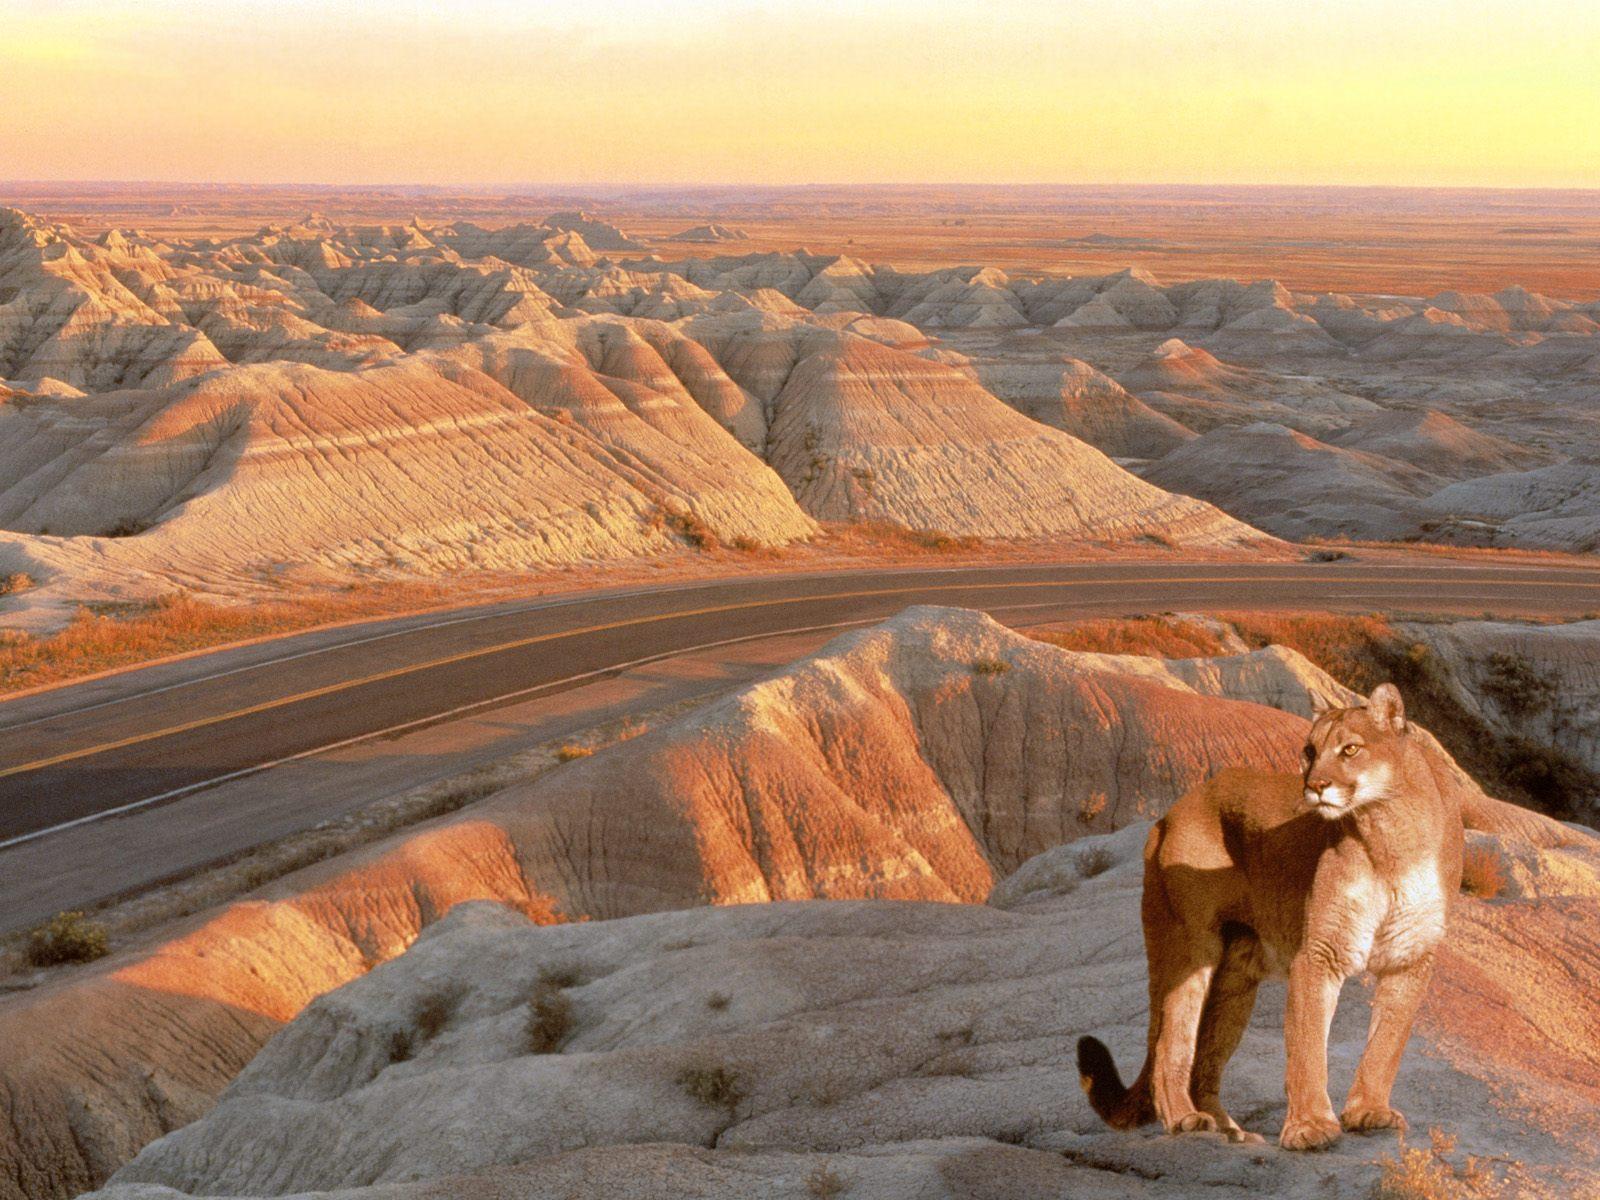 http://2.bp.blogspot.com/-76ESZw5oMZc/T3yc-cSeKYI/AAAAAAAAAjI/4LAcOQgJeg4/s1600/lion+on+road.jpg